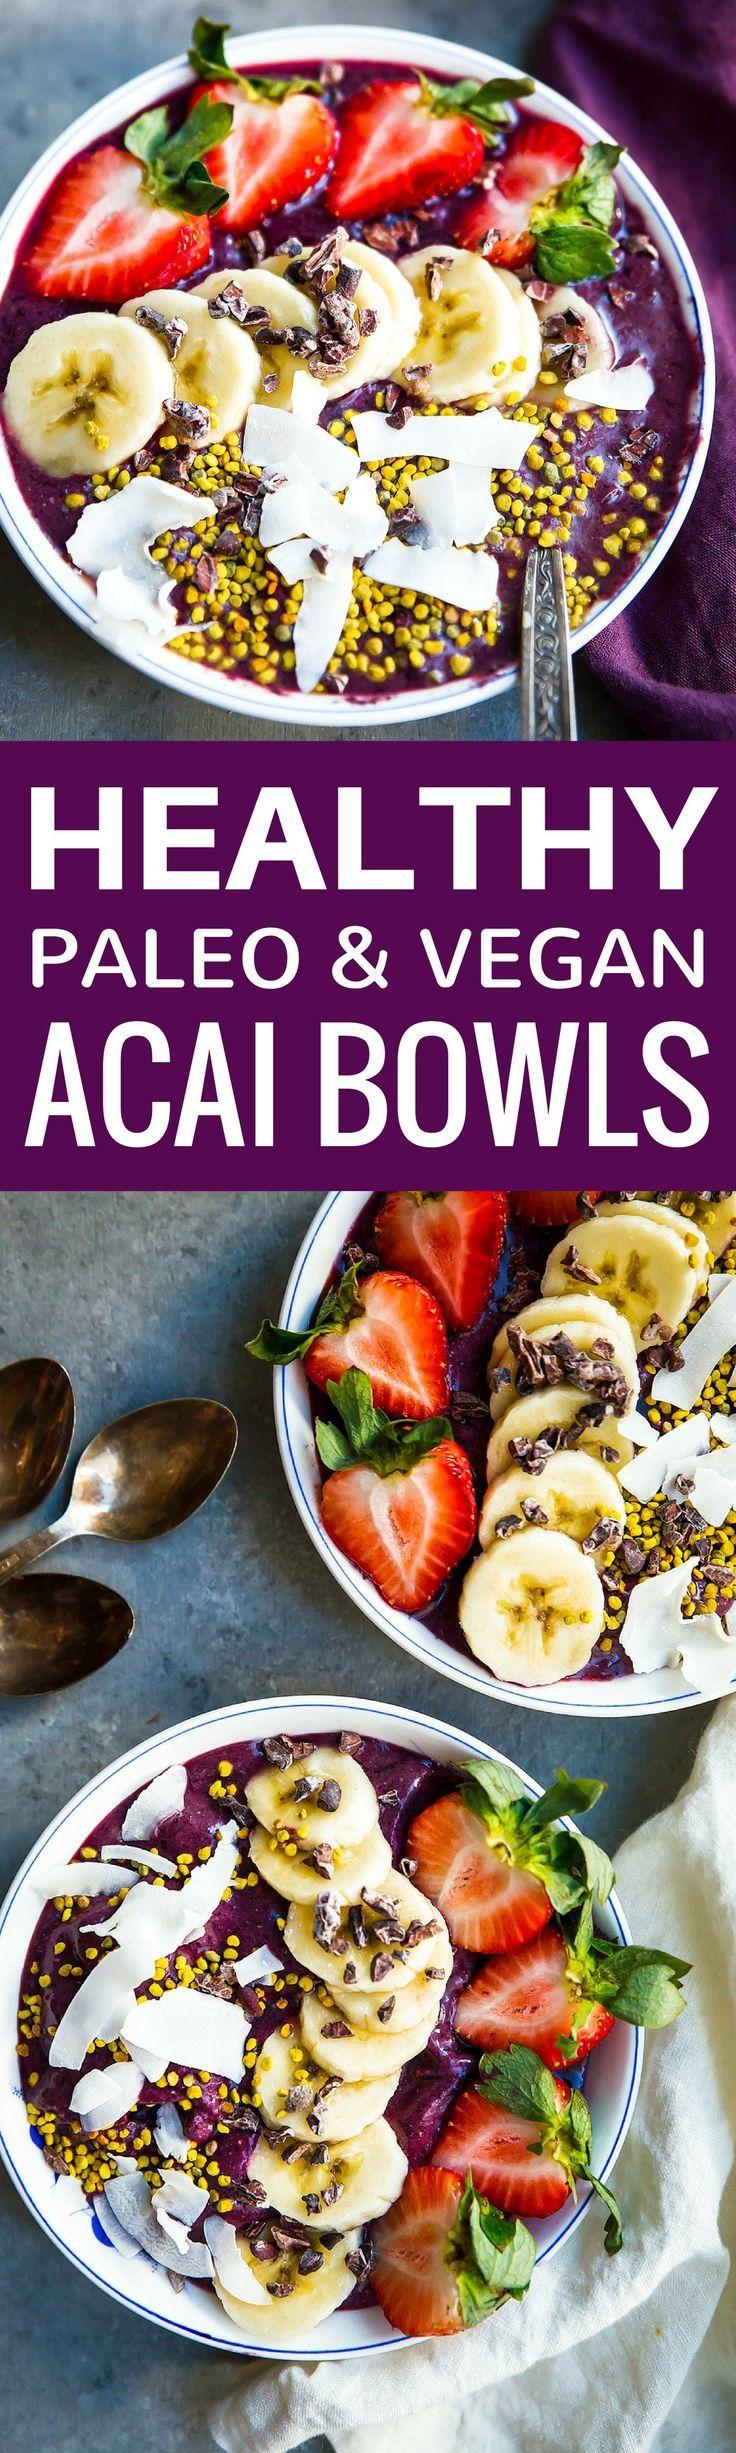 Acai bowl recipe. How to make acai bowl. Homemade acai bowl. Healthy acai bowl. Vegan acai bowl. Paleo acai bowl recipe.